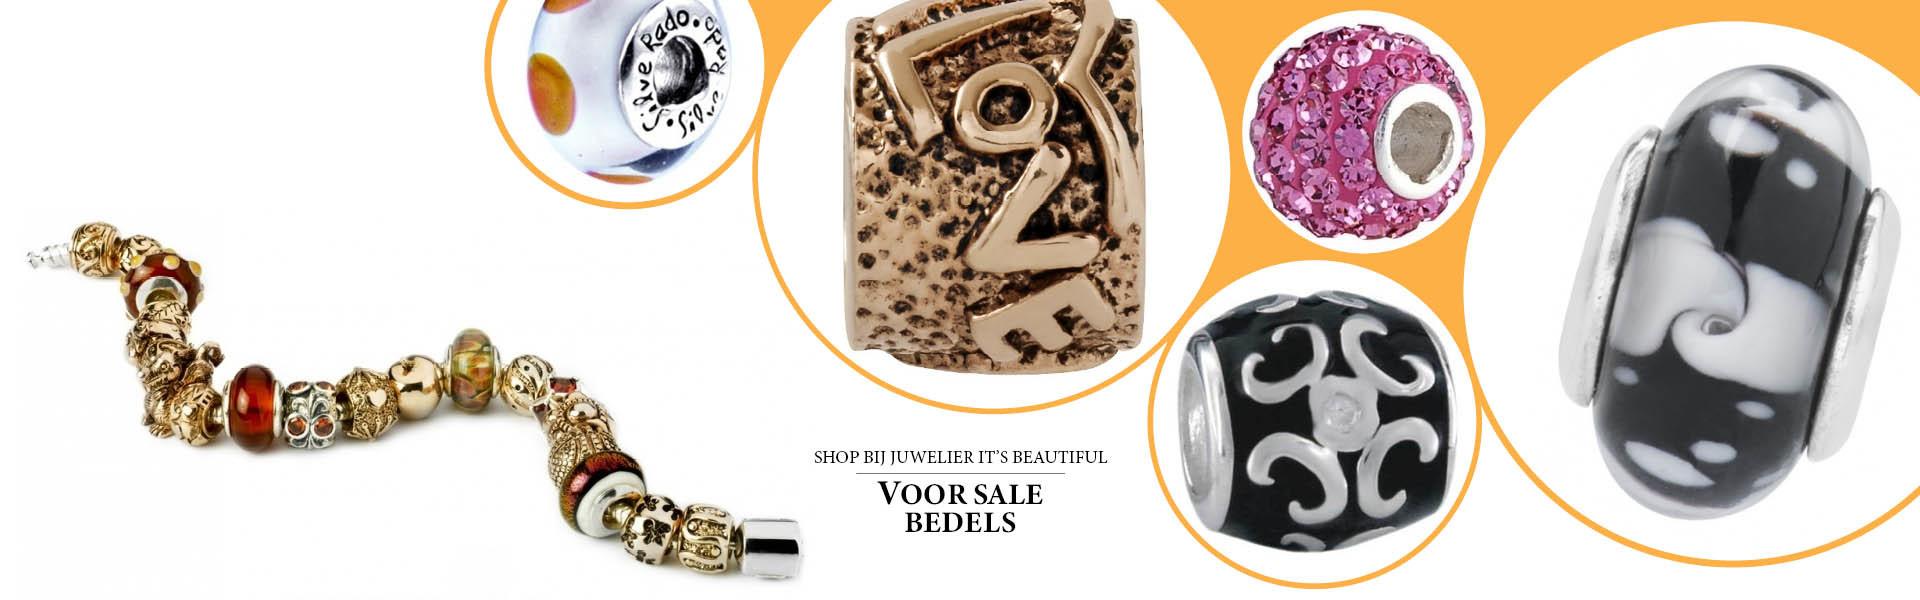 De mooiste sale bedels shopt u bij It's Beautiful!